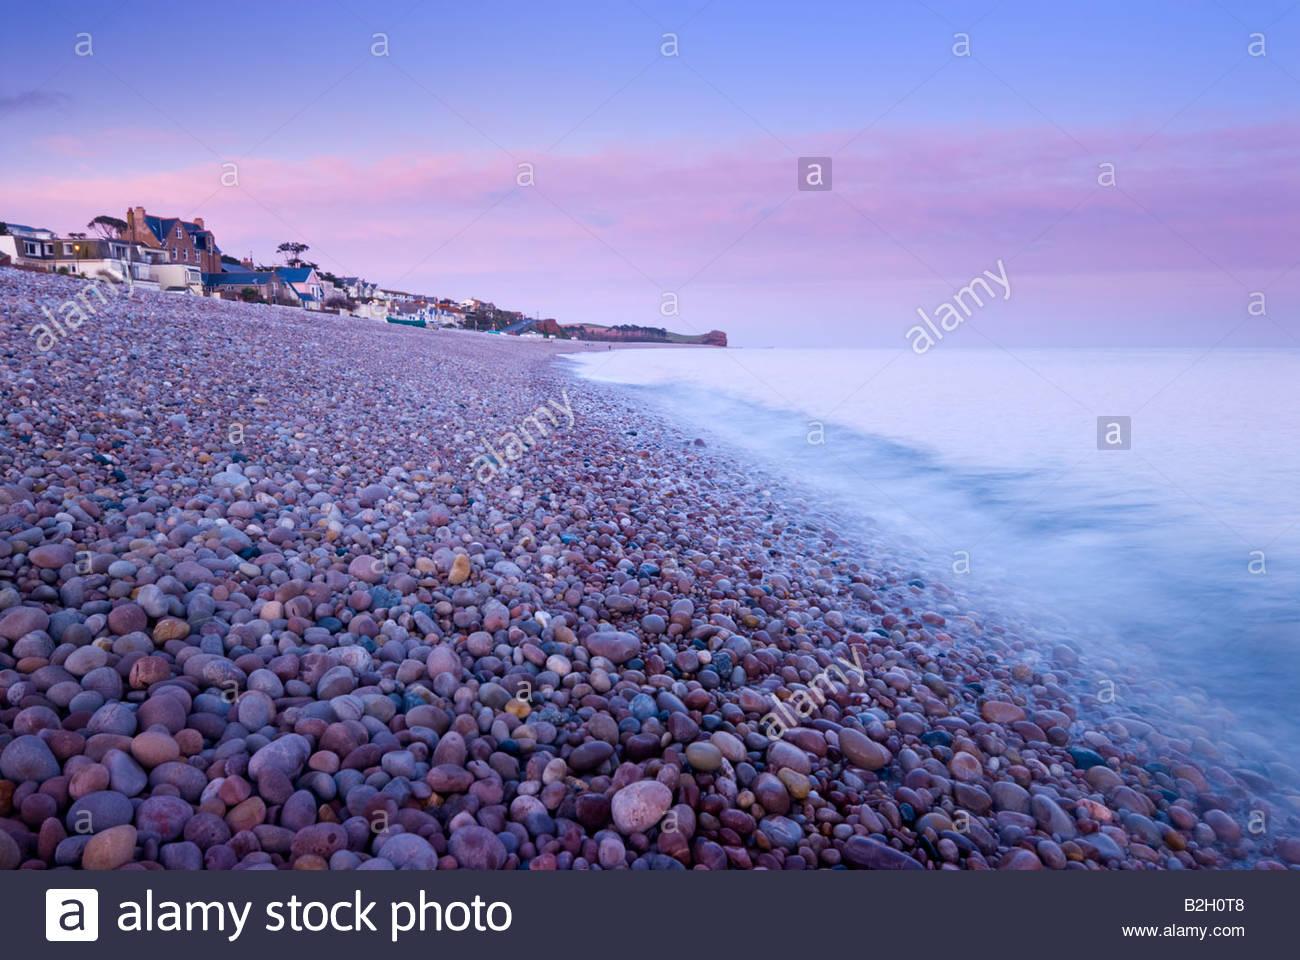 Le rivage à Budleigh Salterton, l'est du Devon, Sud-ouest de l'Angleterre. Photo Stock